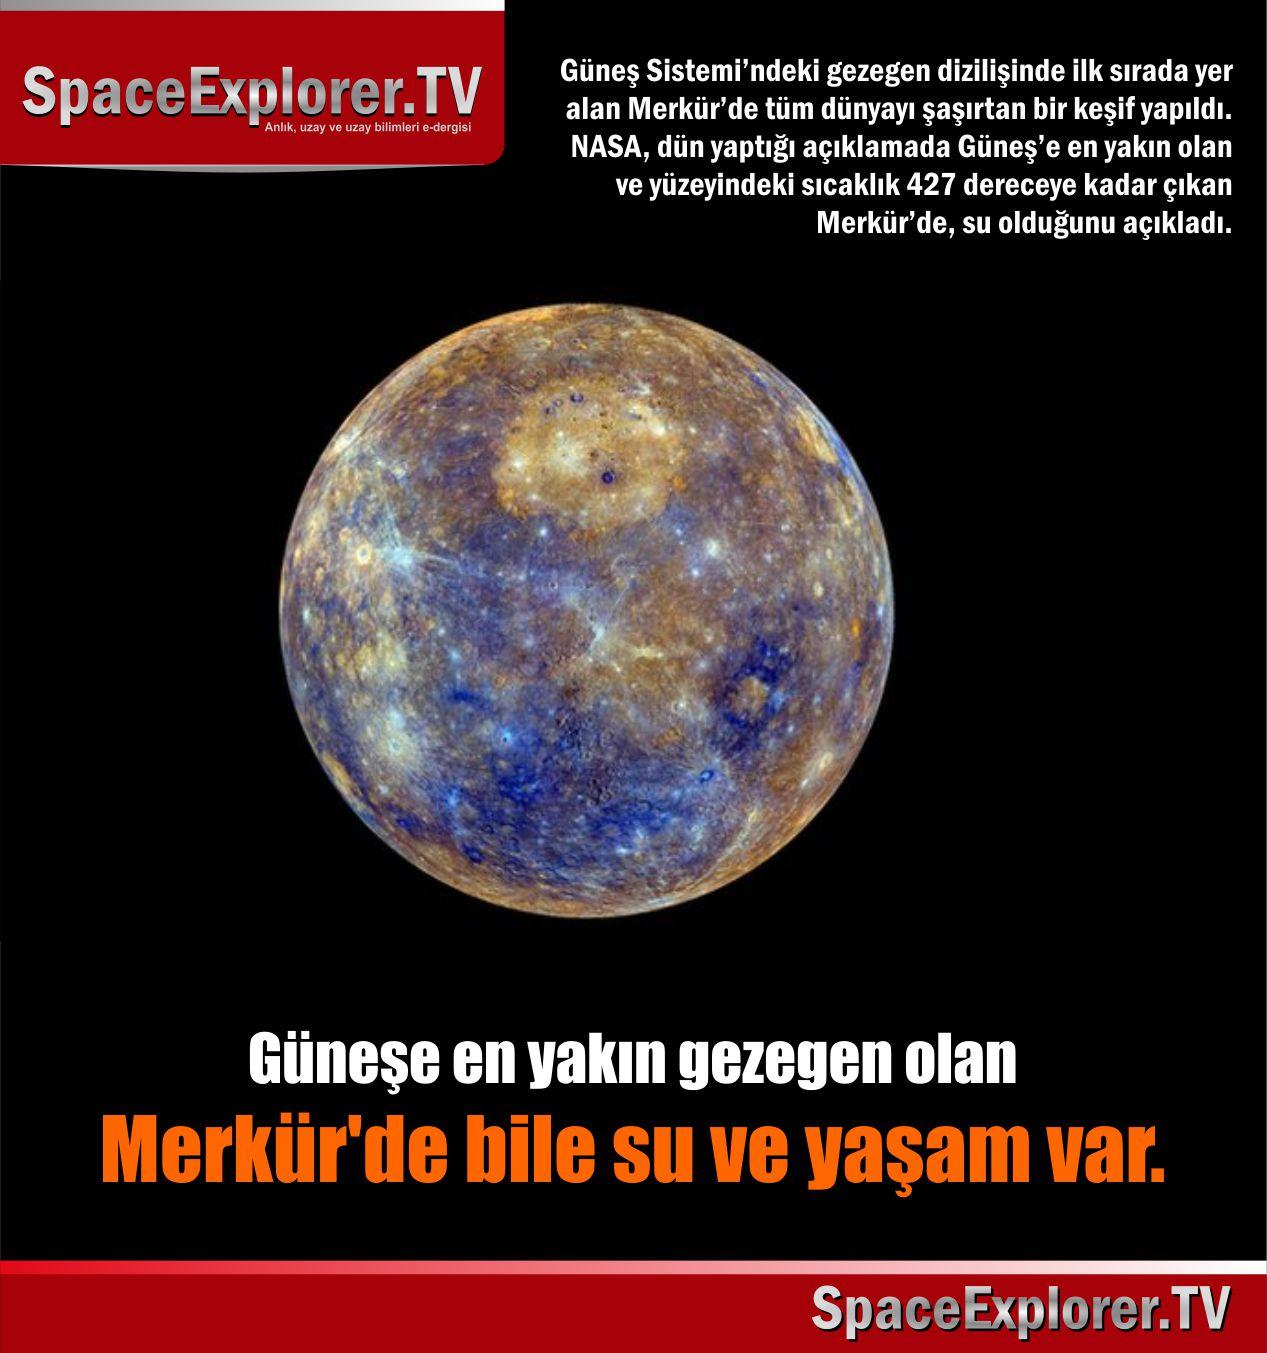 Hayat olabilecek gezegenler, Gezegenler, Merkür, Su bulunan gezegenler, NASA, Messenger uzay sondası, Space Explorer, Güneş sistemi,